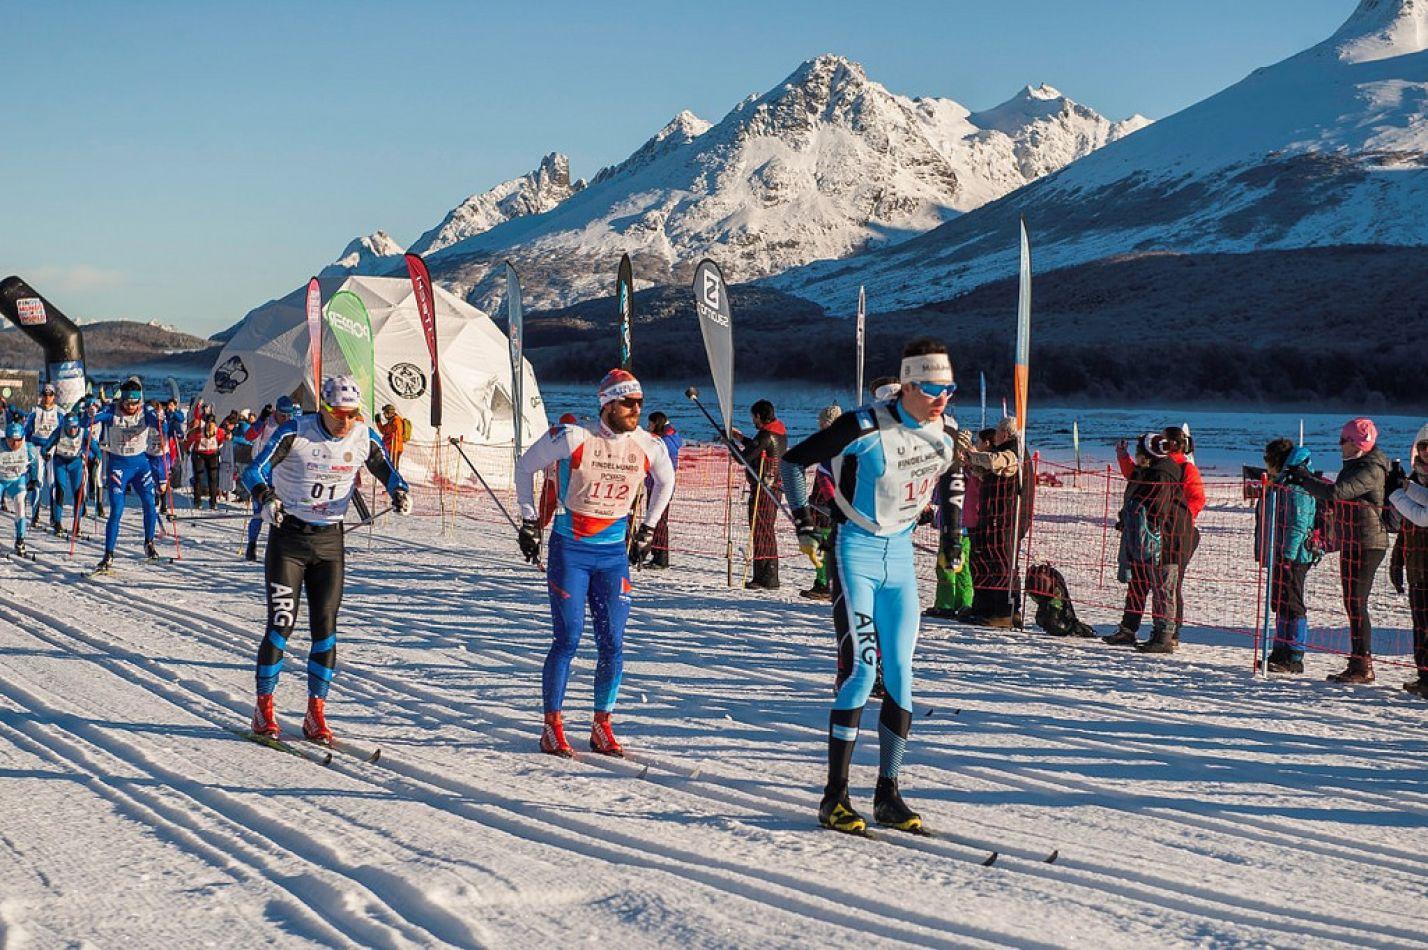 Fiesta de esquiadores en Ushuaia.